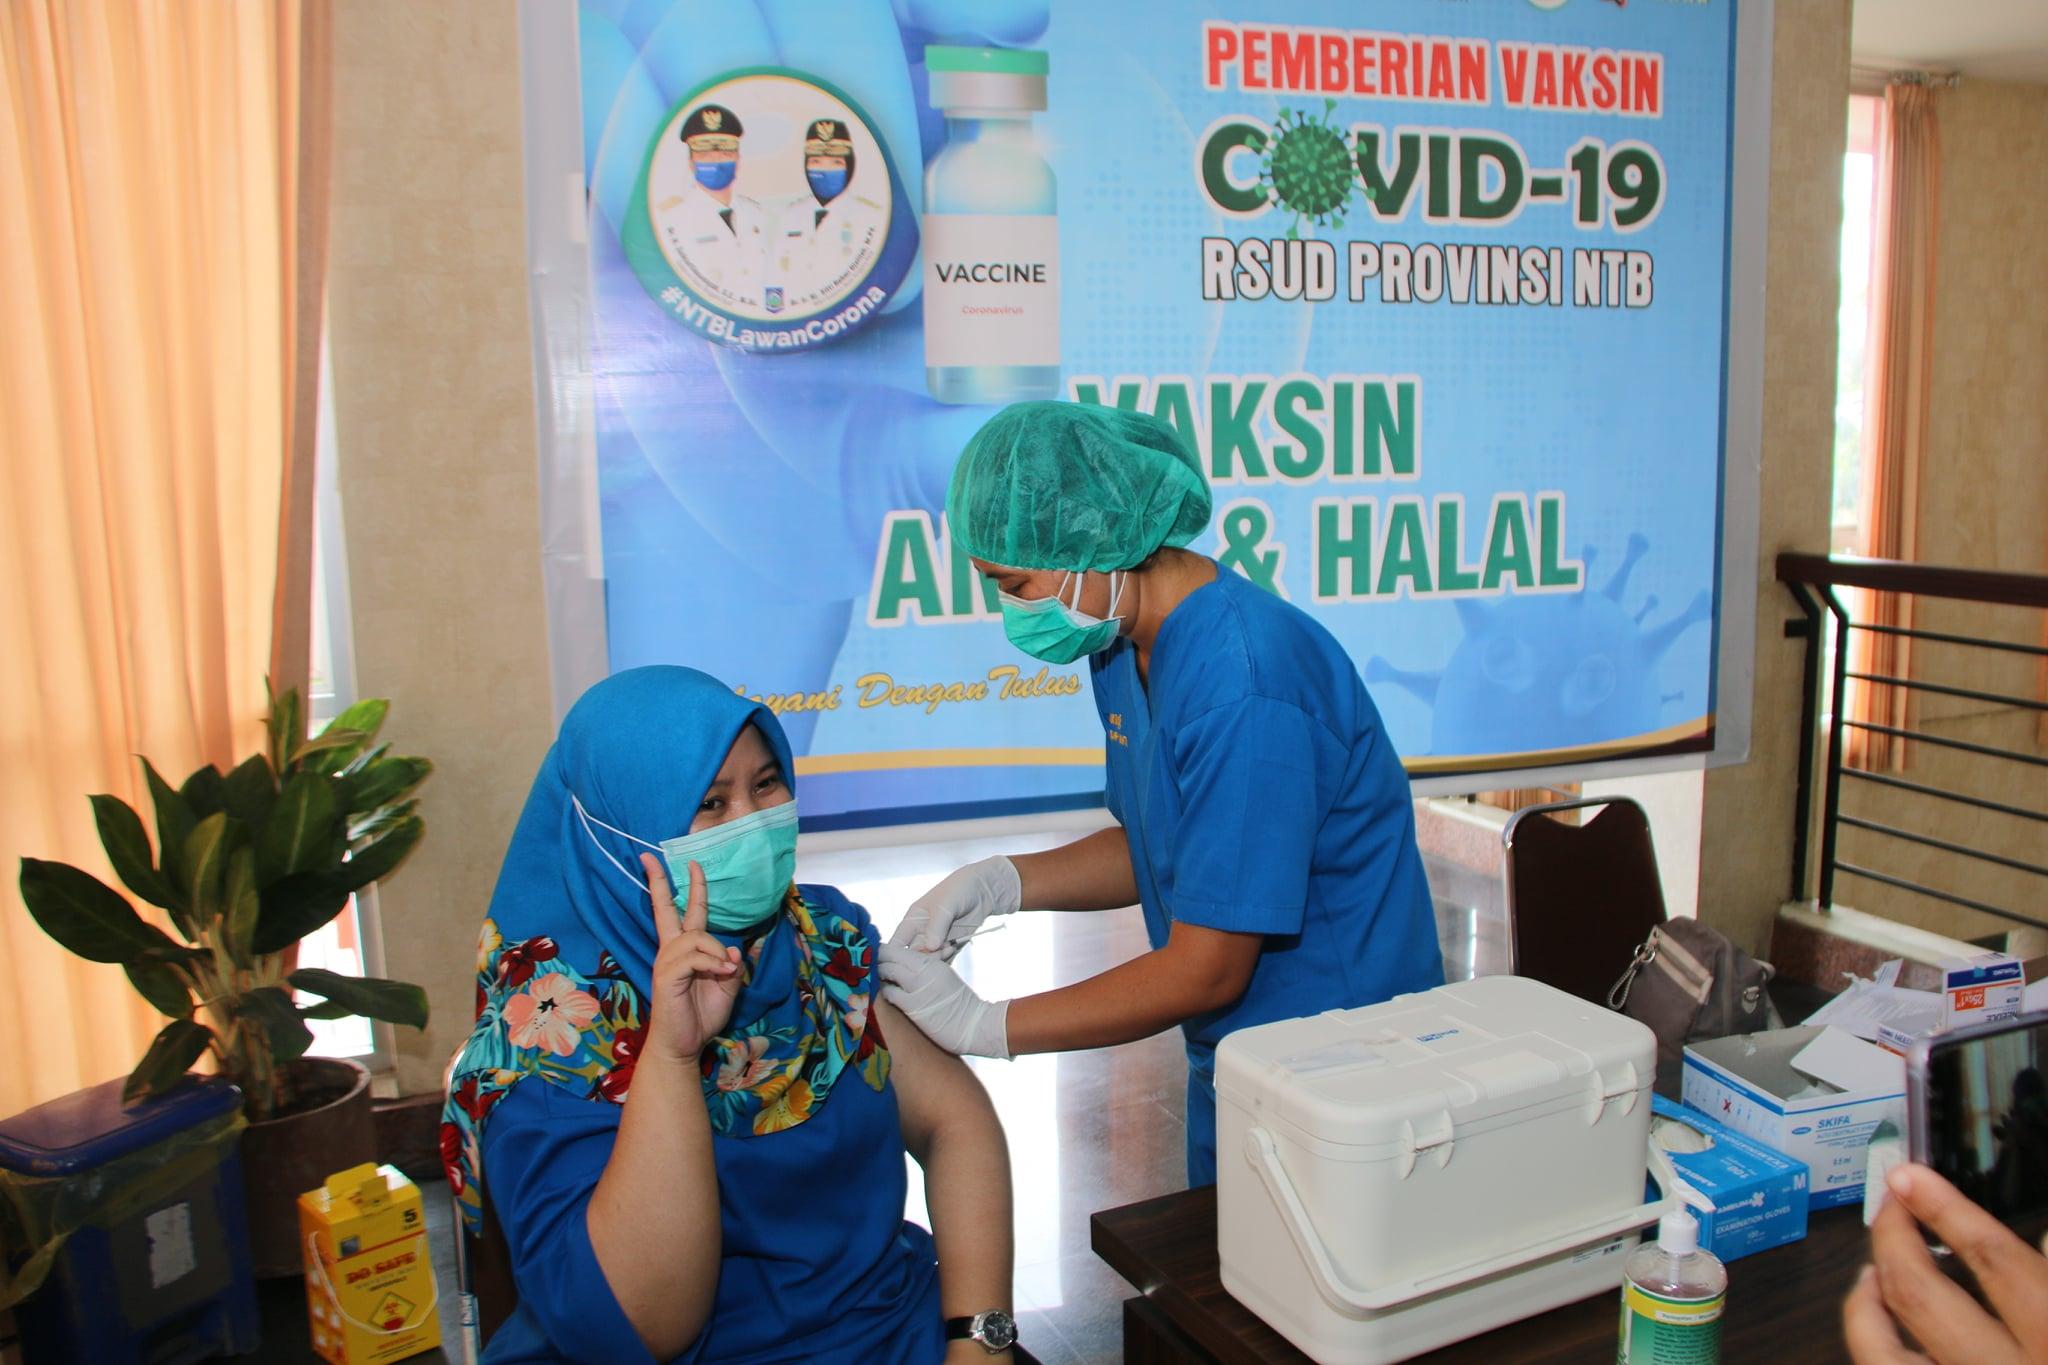 Hari Ketiga Pelaksanaan Pemberian Vaksin COVID-19 di RSUD Provinsi NTB